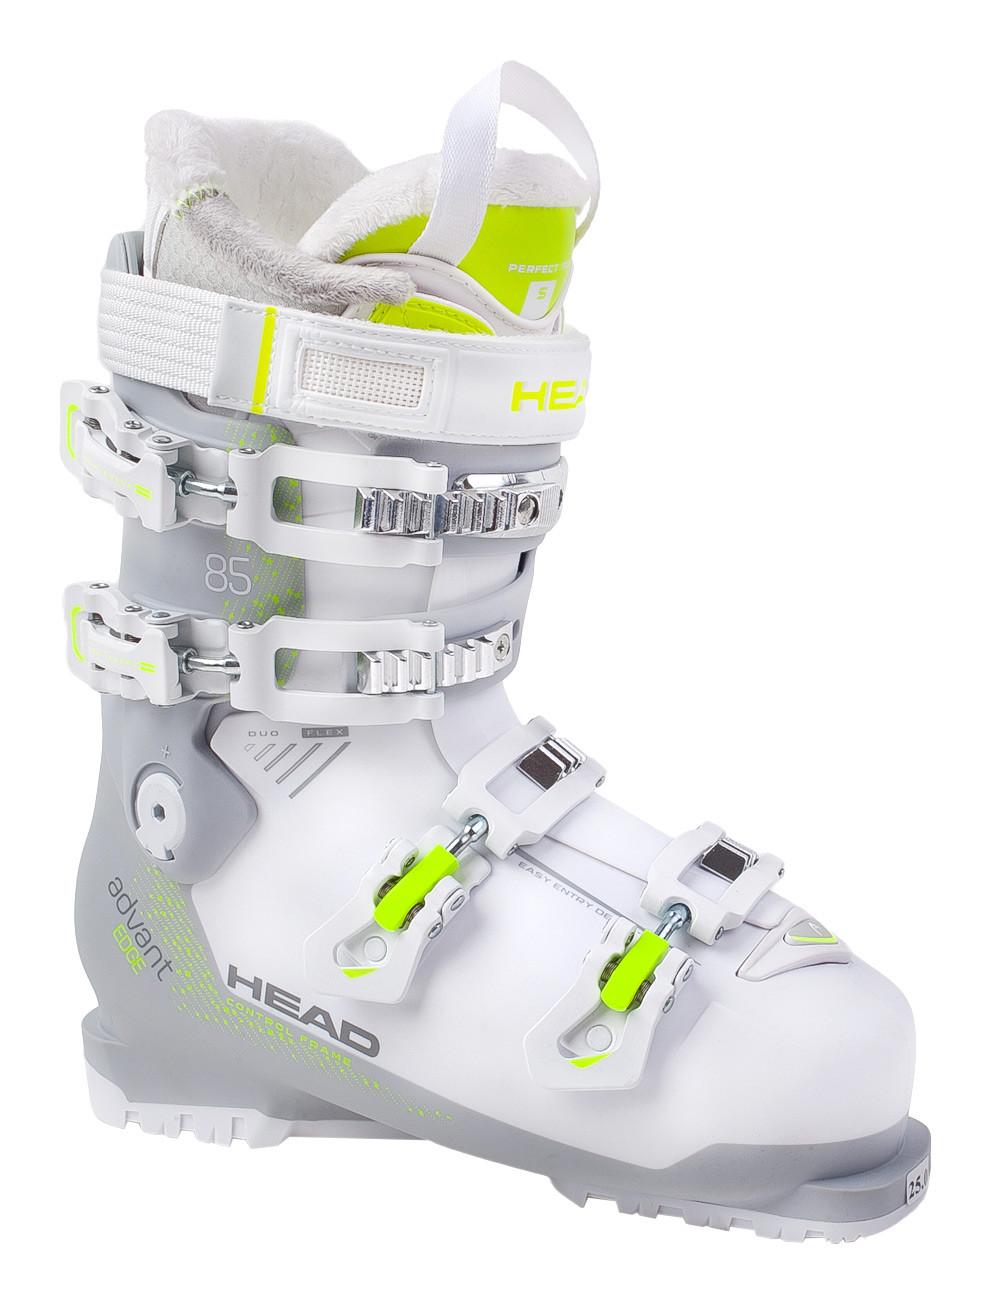 Buty narciarskie Head Advant Egde 85 W